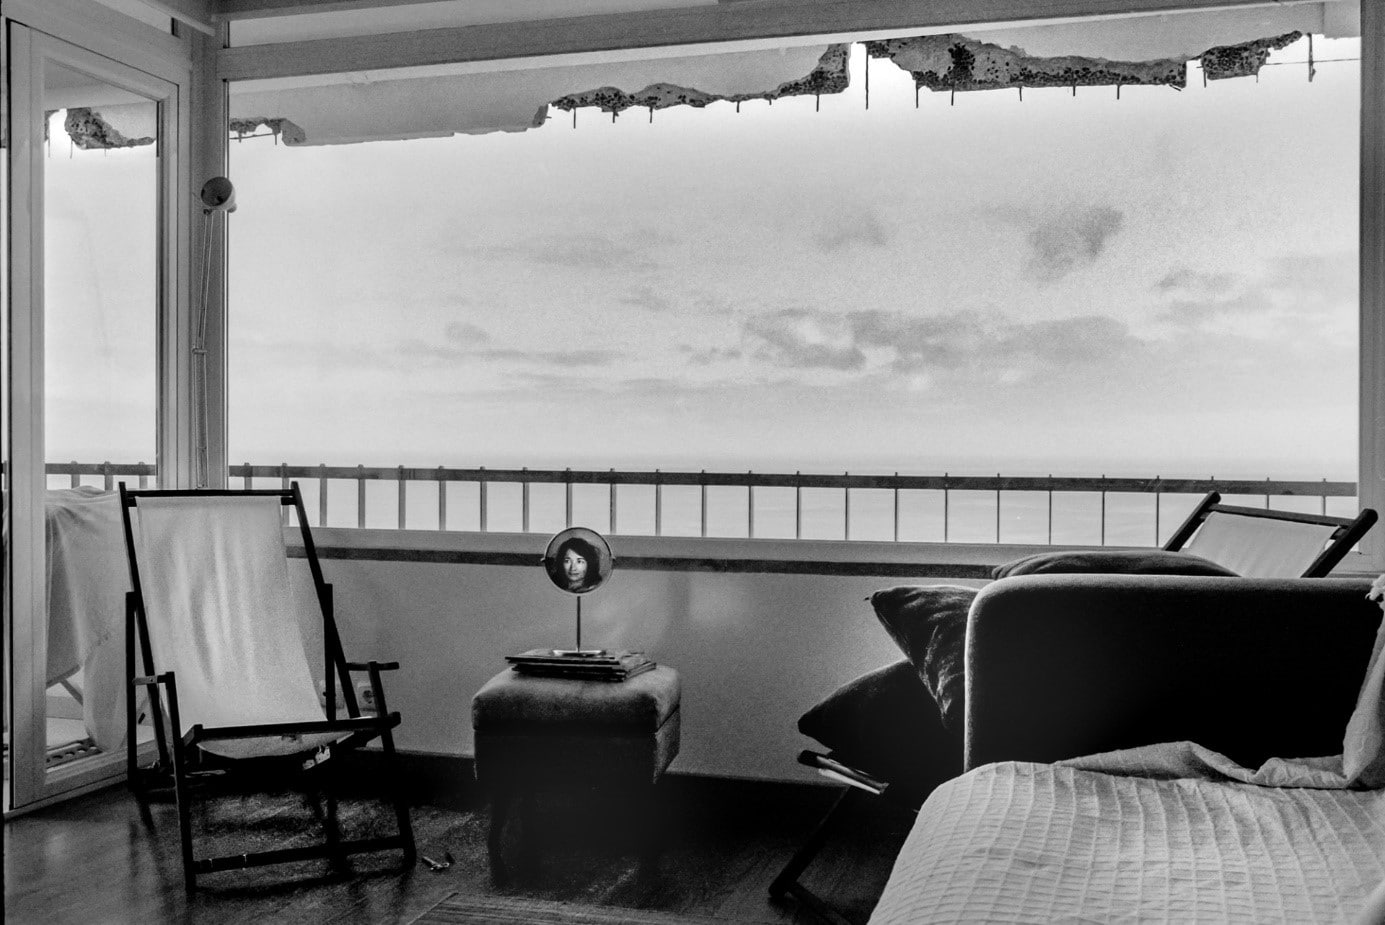 Autoportrait au miroir près de la chaise vide, Sesimbra, 2015 © Céline Gaille